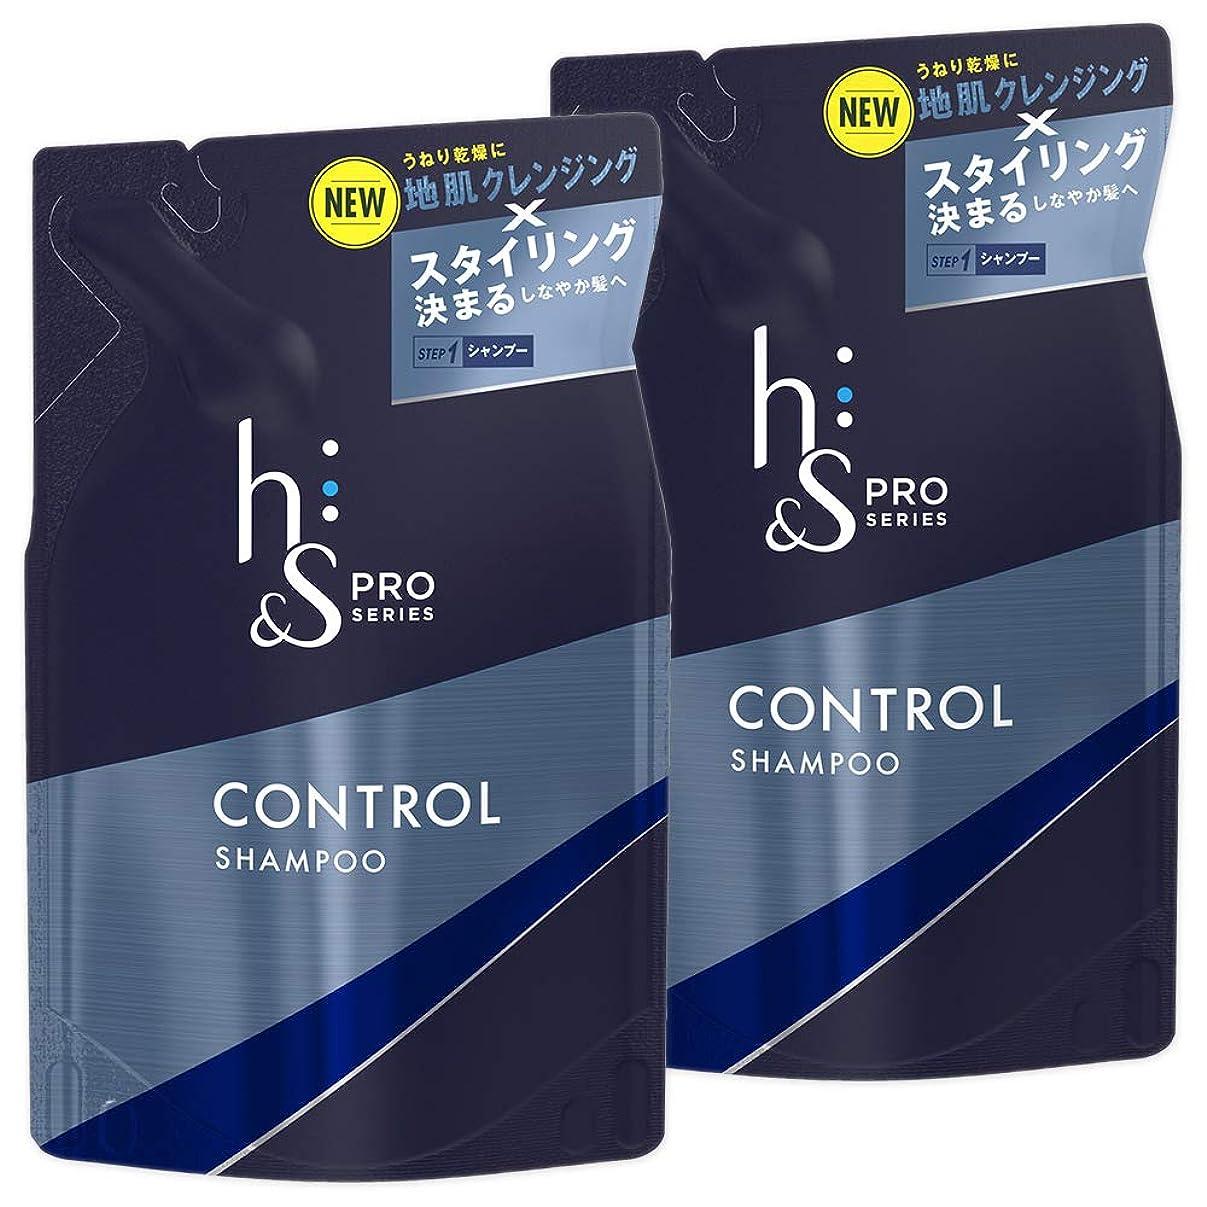 家事誘惑経過【まとめ買い】 h&s for men シャンプー PRO Series コントロール 詰め替え 300mL×2個